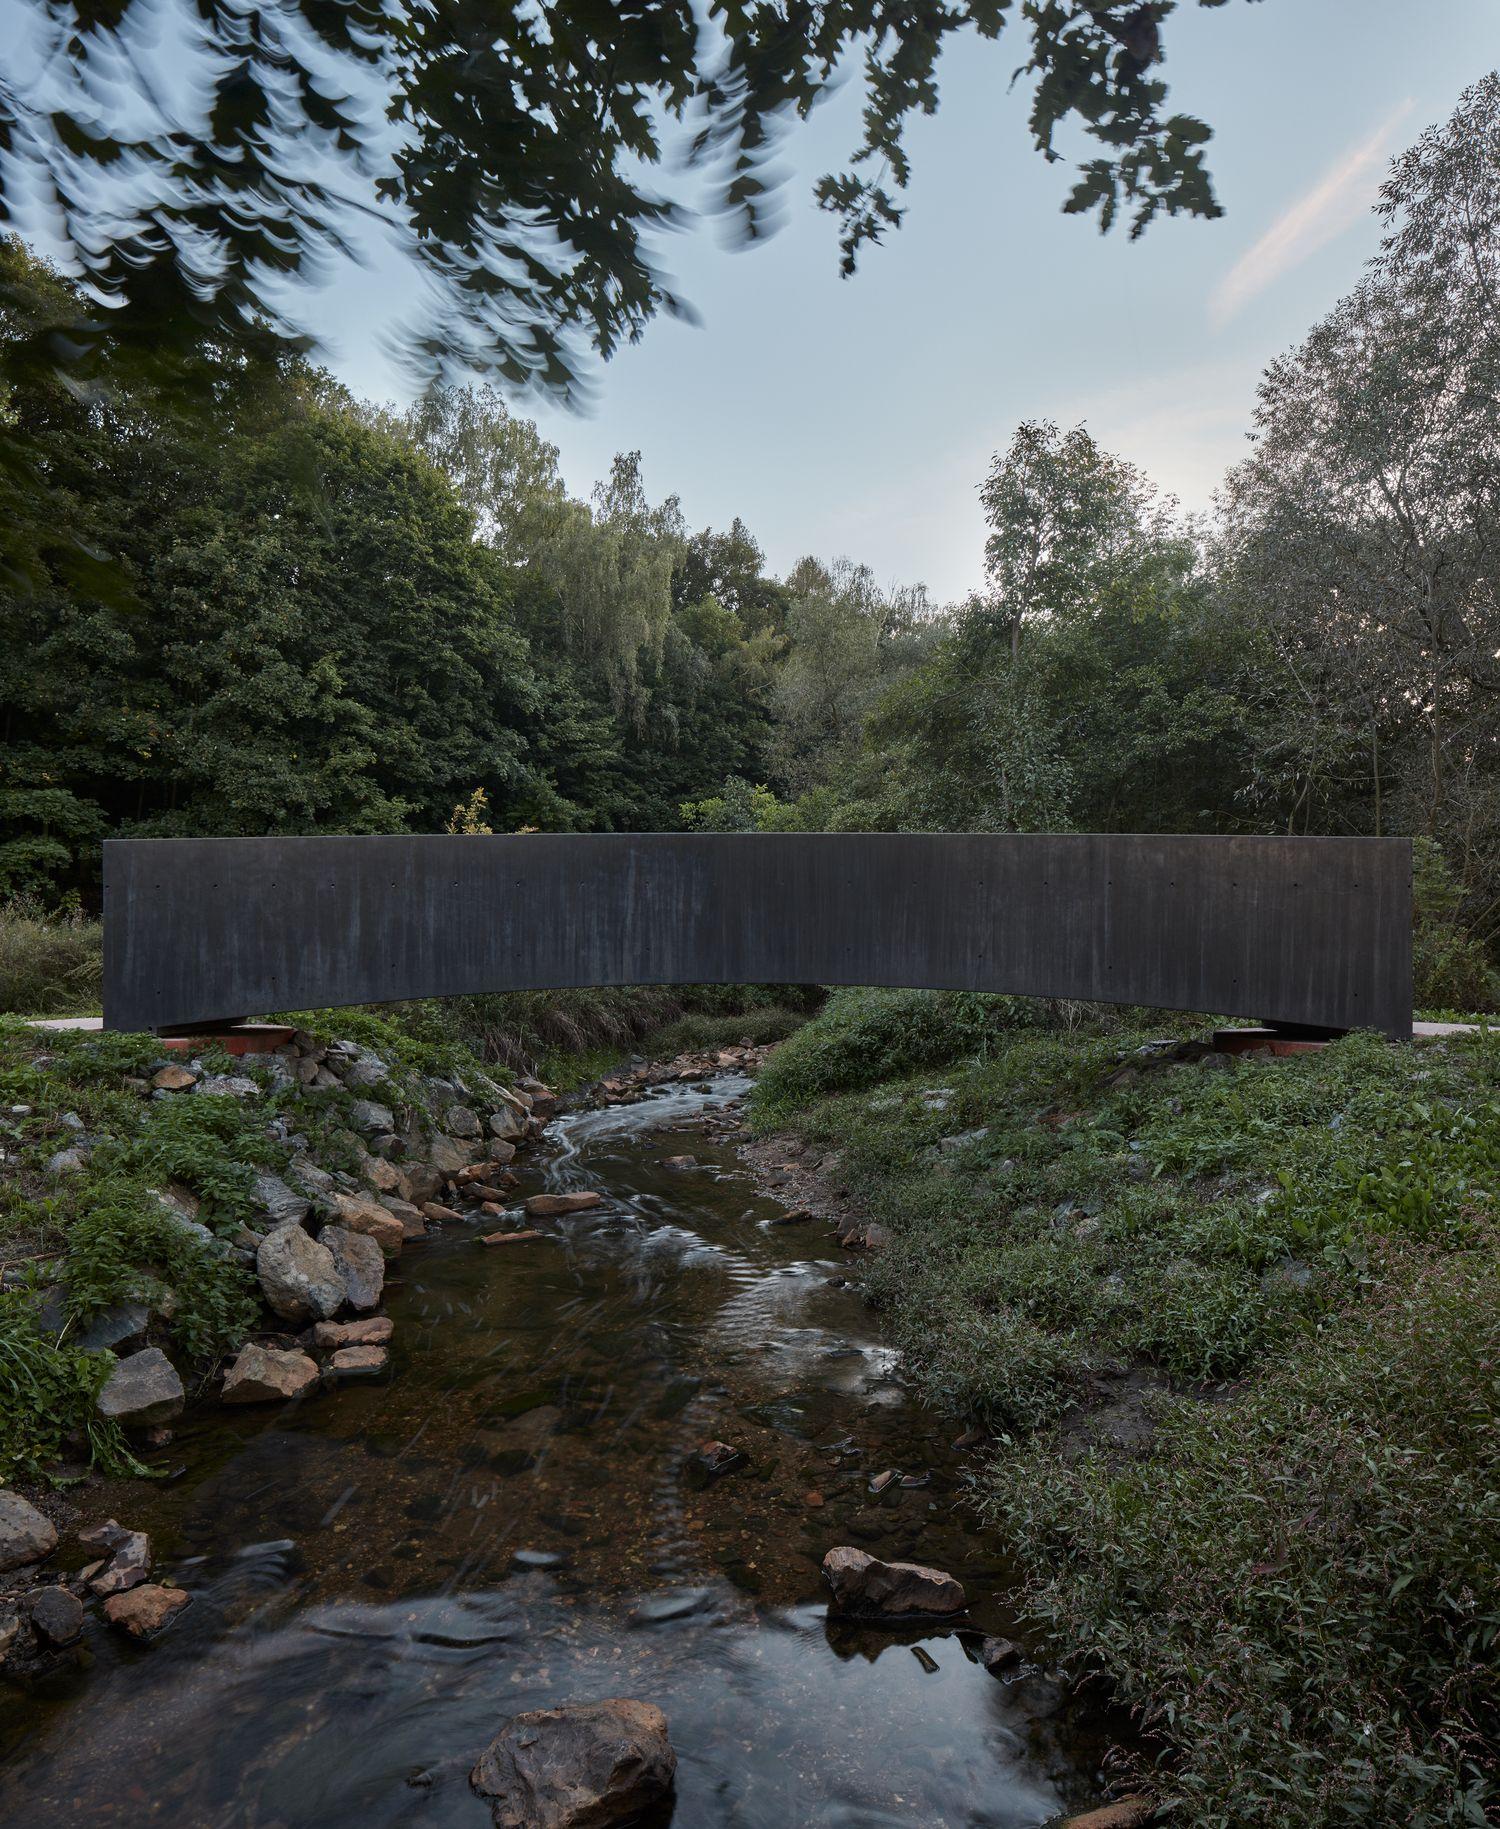 """Sijos formos tiltas grakščiai peršoka upelį ir mezga architektūros dialogą su gamta (arch. """"Aoc"""")"""